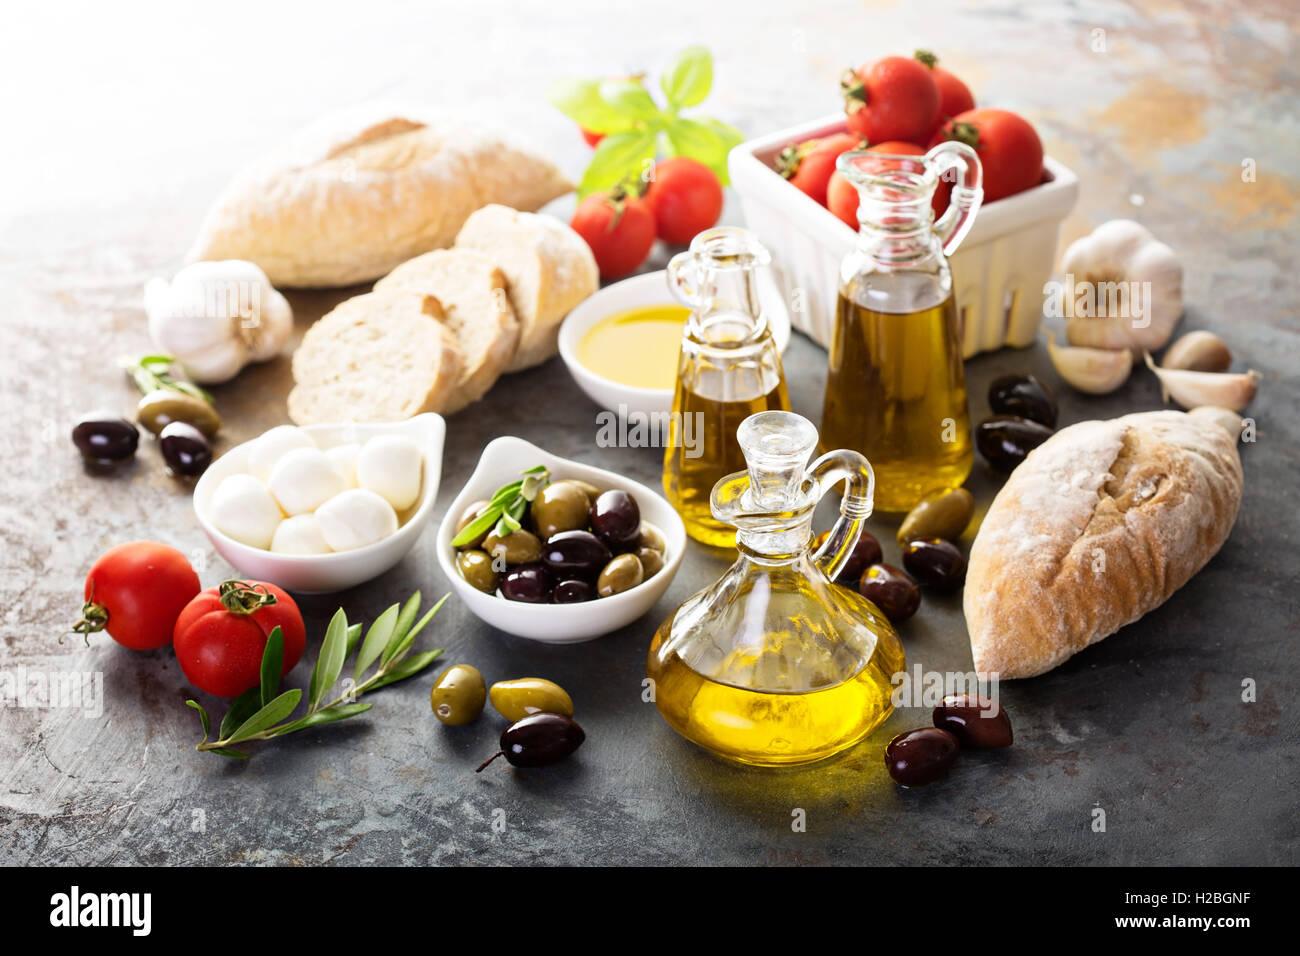 Olivenöl in Vintage-Flaschen und italienische Küche Zutaten Stockbild